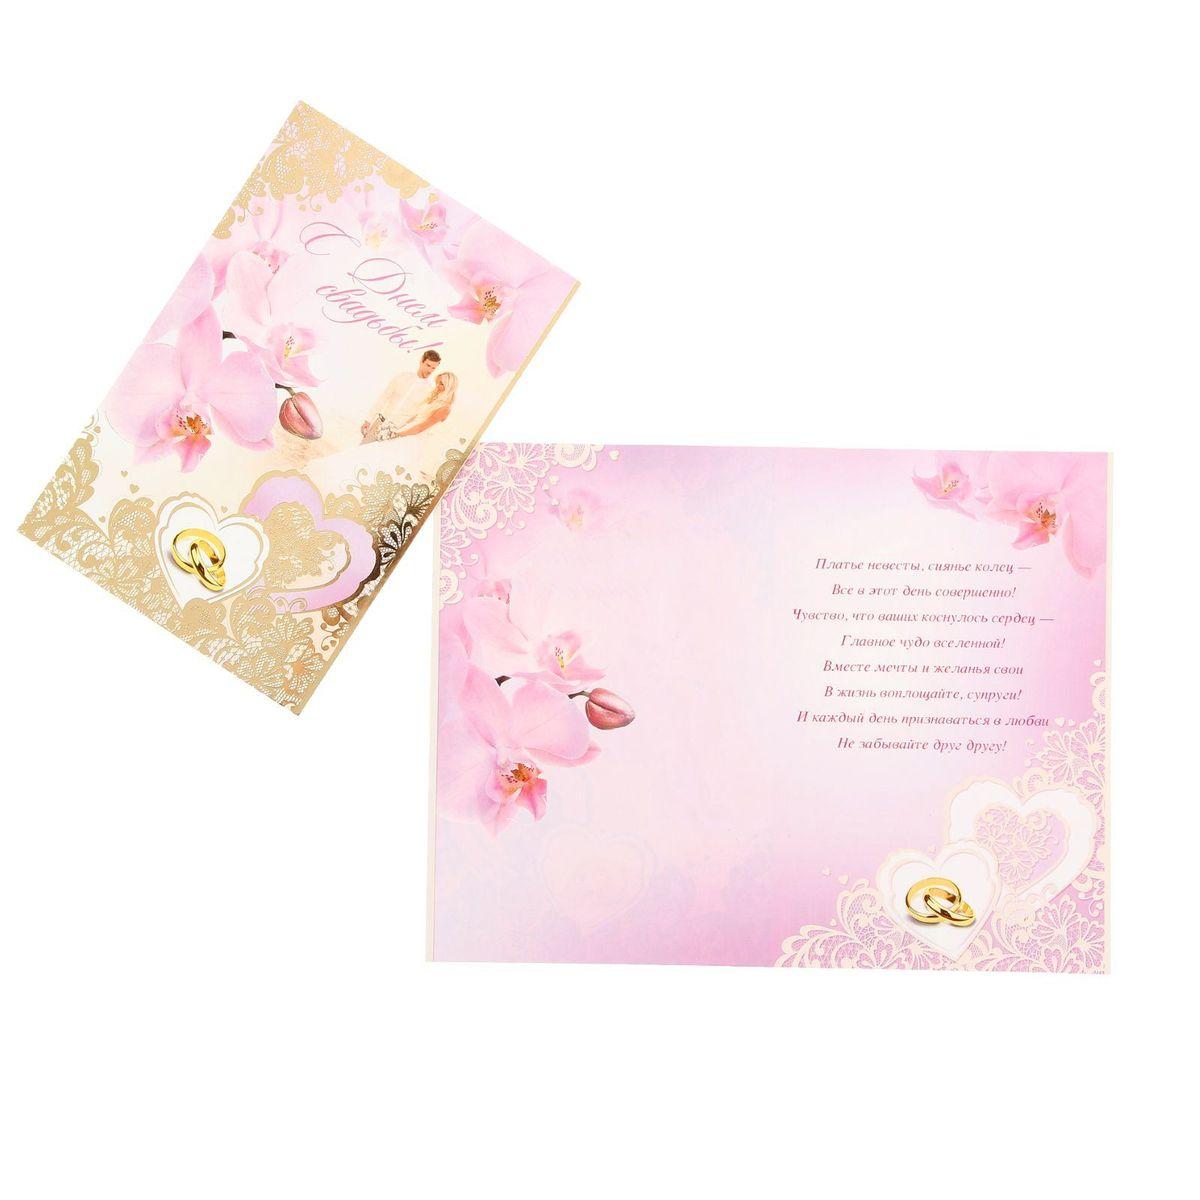 Открытка Мир открыток С Днем свадьбы! Розовые орхидеи1197941Если вы хотите порадовать себя или близких, создать праздничное настроение ис улыбкой провести памятный день, то вы, несомненно, сделали правильныйвыбор! Открытка Мир открыток С Днем свадьбы! Розовые орхидеи, выполненнаяиз картона, отличается не только оригинальным дизайном, но и высокимкачеством. Лицевая сторона изделия оформлена красивым изображением розовых орхидей,молодоженов и колеца также дополнена тиснением фольгой. Внутри открыткасодержит текст с поздравлением. Такая открытка непременно порадует получателя и станет отличнымнапоминанием о проведенном вместе времени.